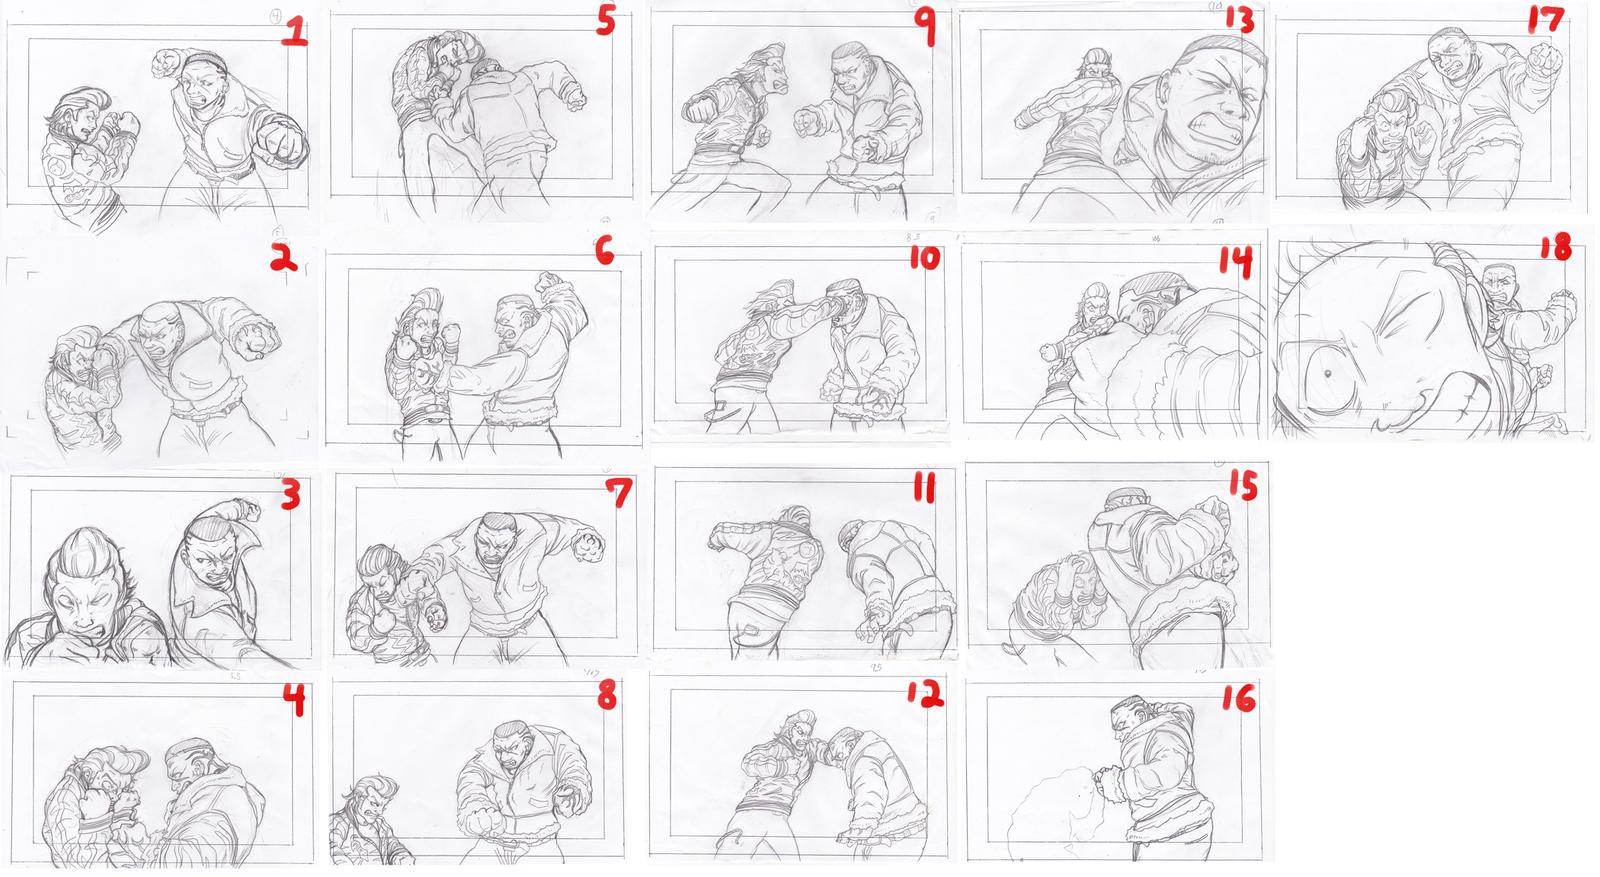 Nett Frame Für Frame Animation Galerie - Benutzerdefinierte ...